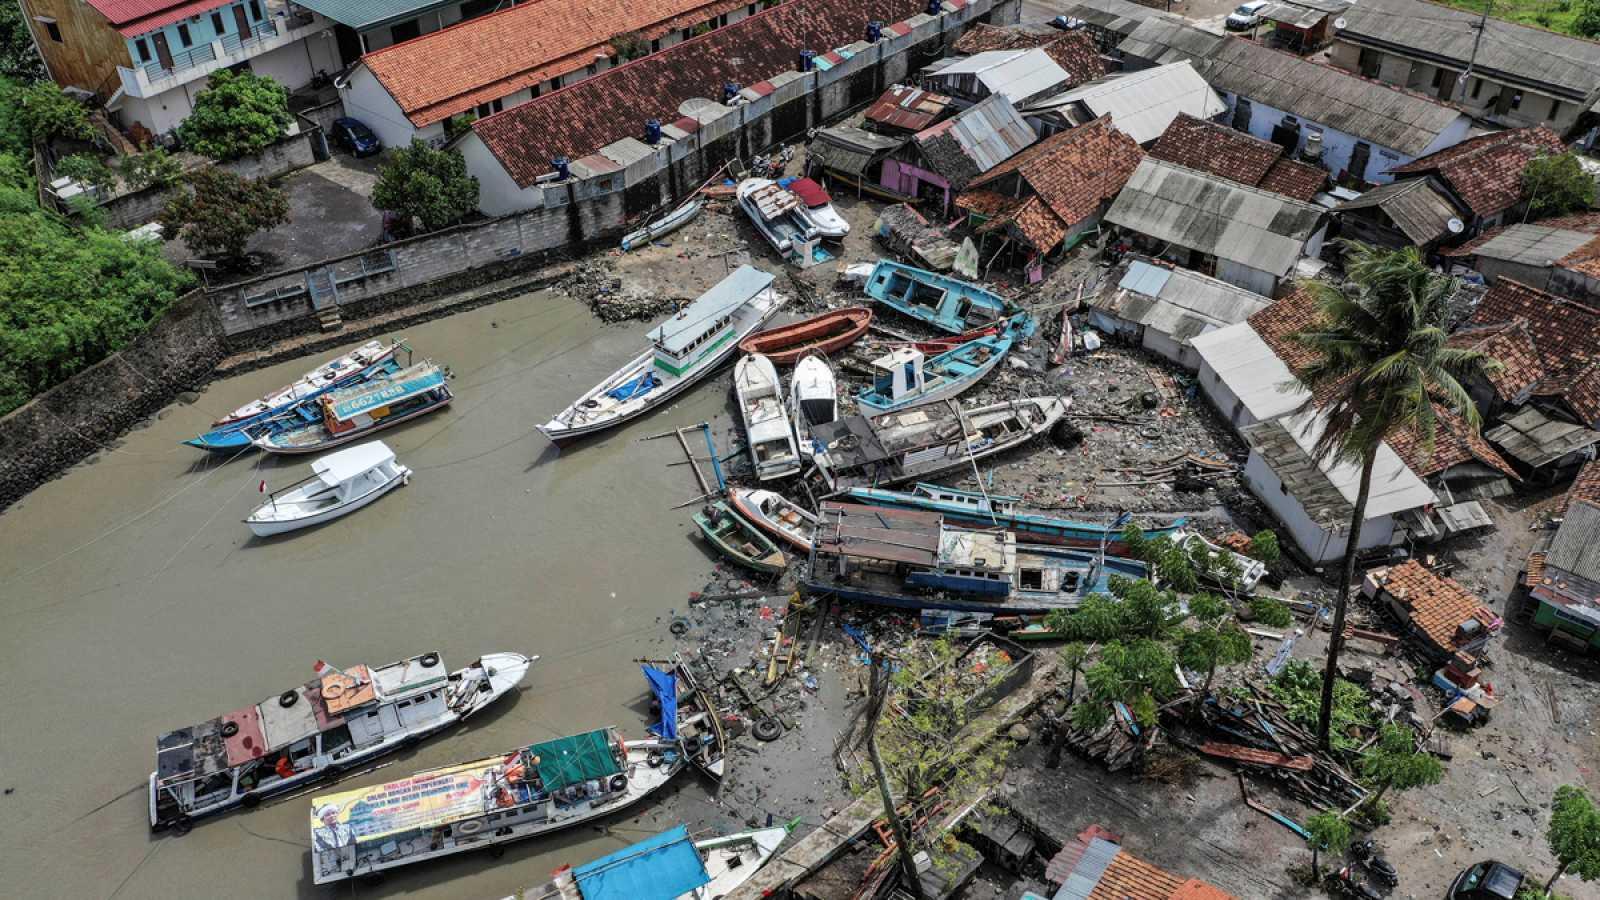 ¿Por qué la erupción de un volcán termina provocando un tsunami y por qué en el caso de Indonesia no se pudo predecir? Los expertos han explicado a TVE cómo funciona la red de alertas. Coinciden en que es muy difícil prever un movimiento de tierras s